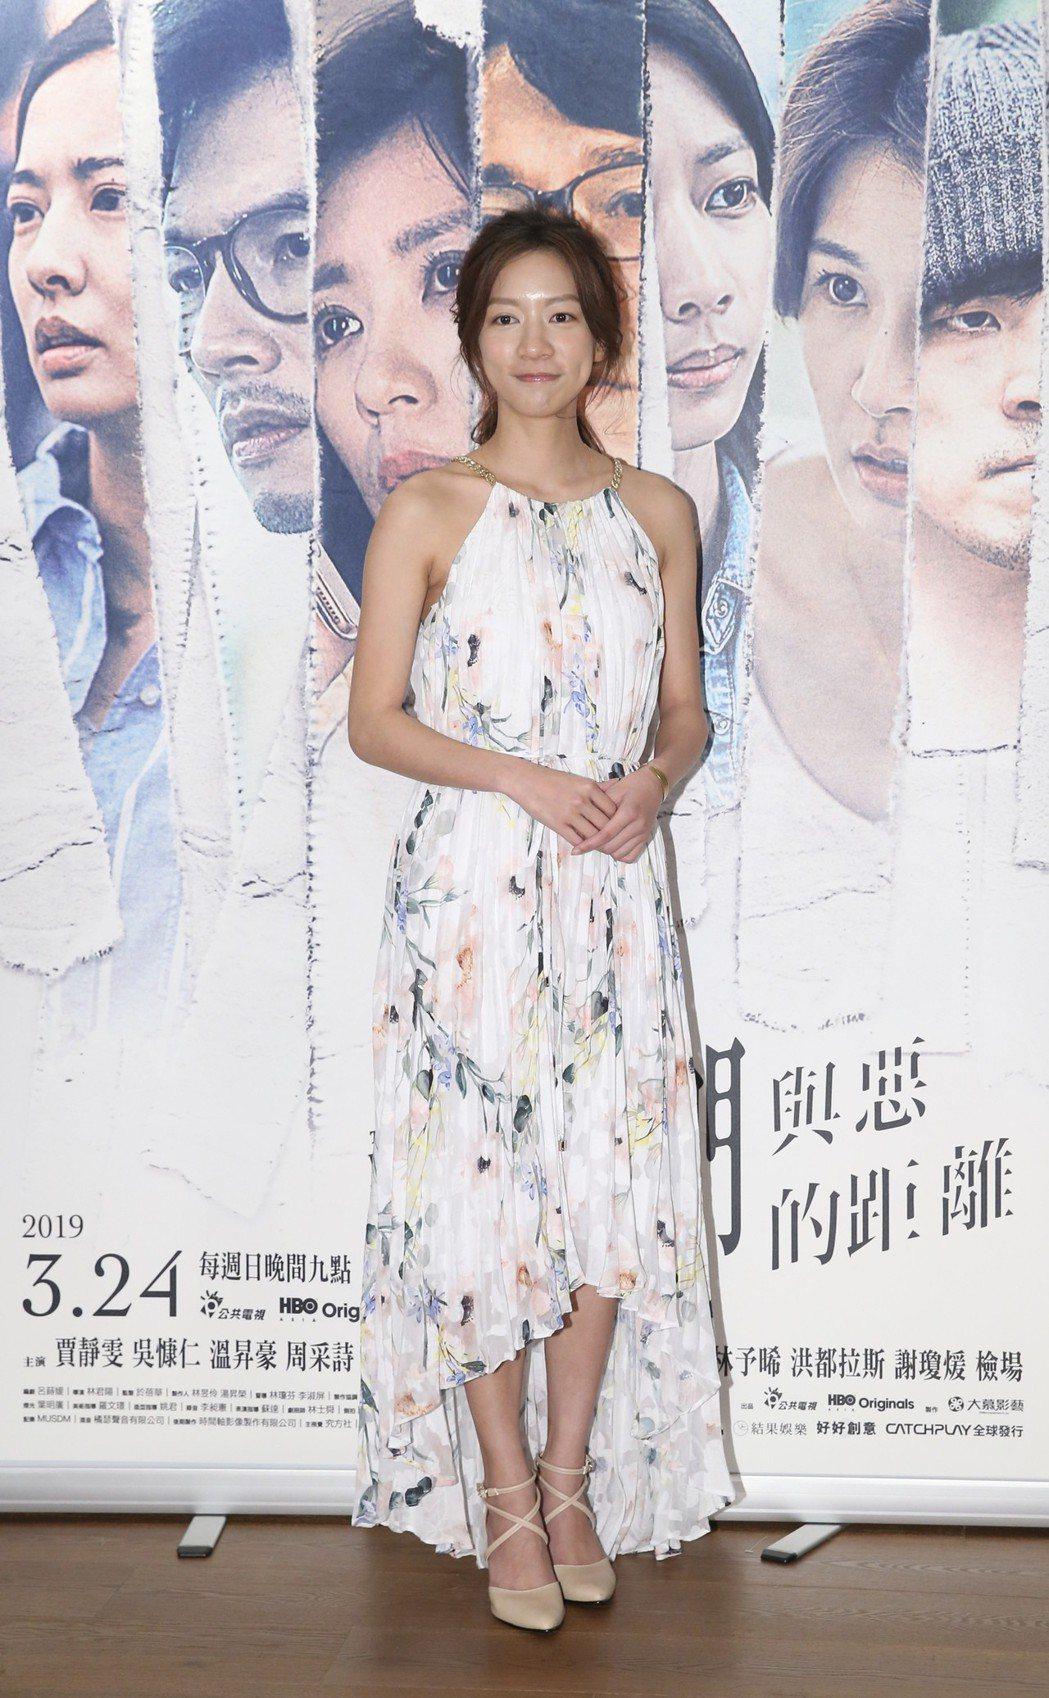 「我們與惡的距離」即將完結篇,飾演李大芝的陳妤(圖)現身,為即將上映的完結篇暖場